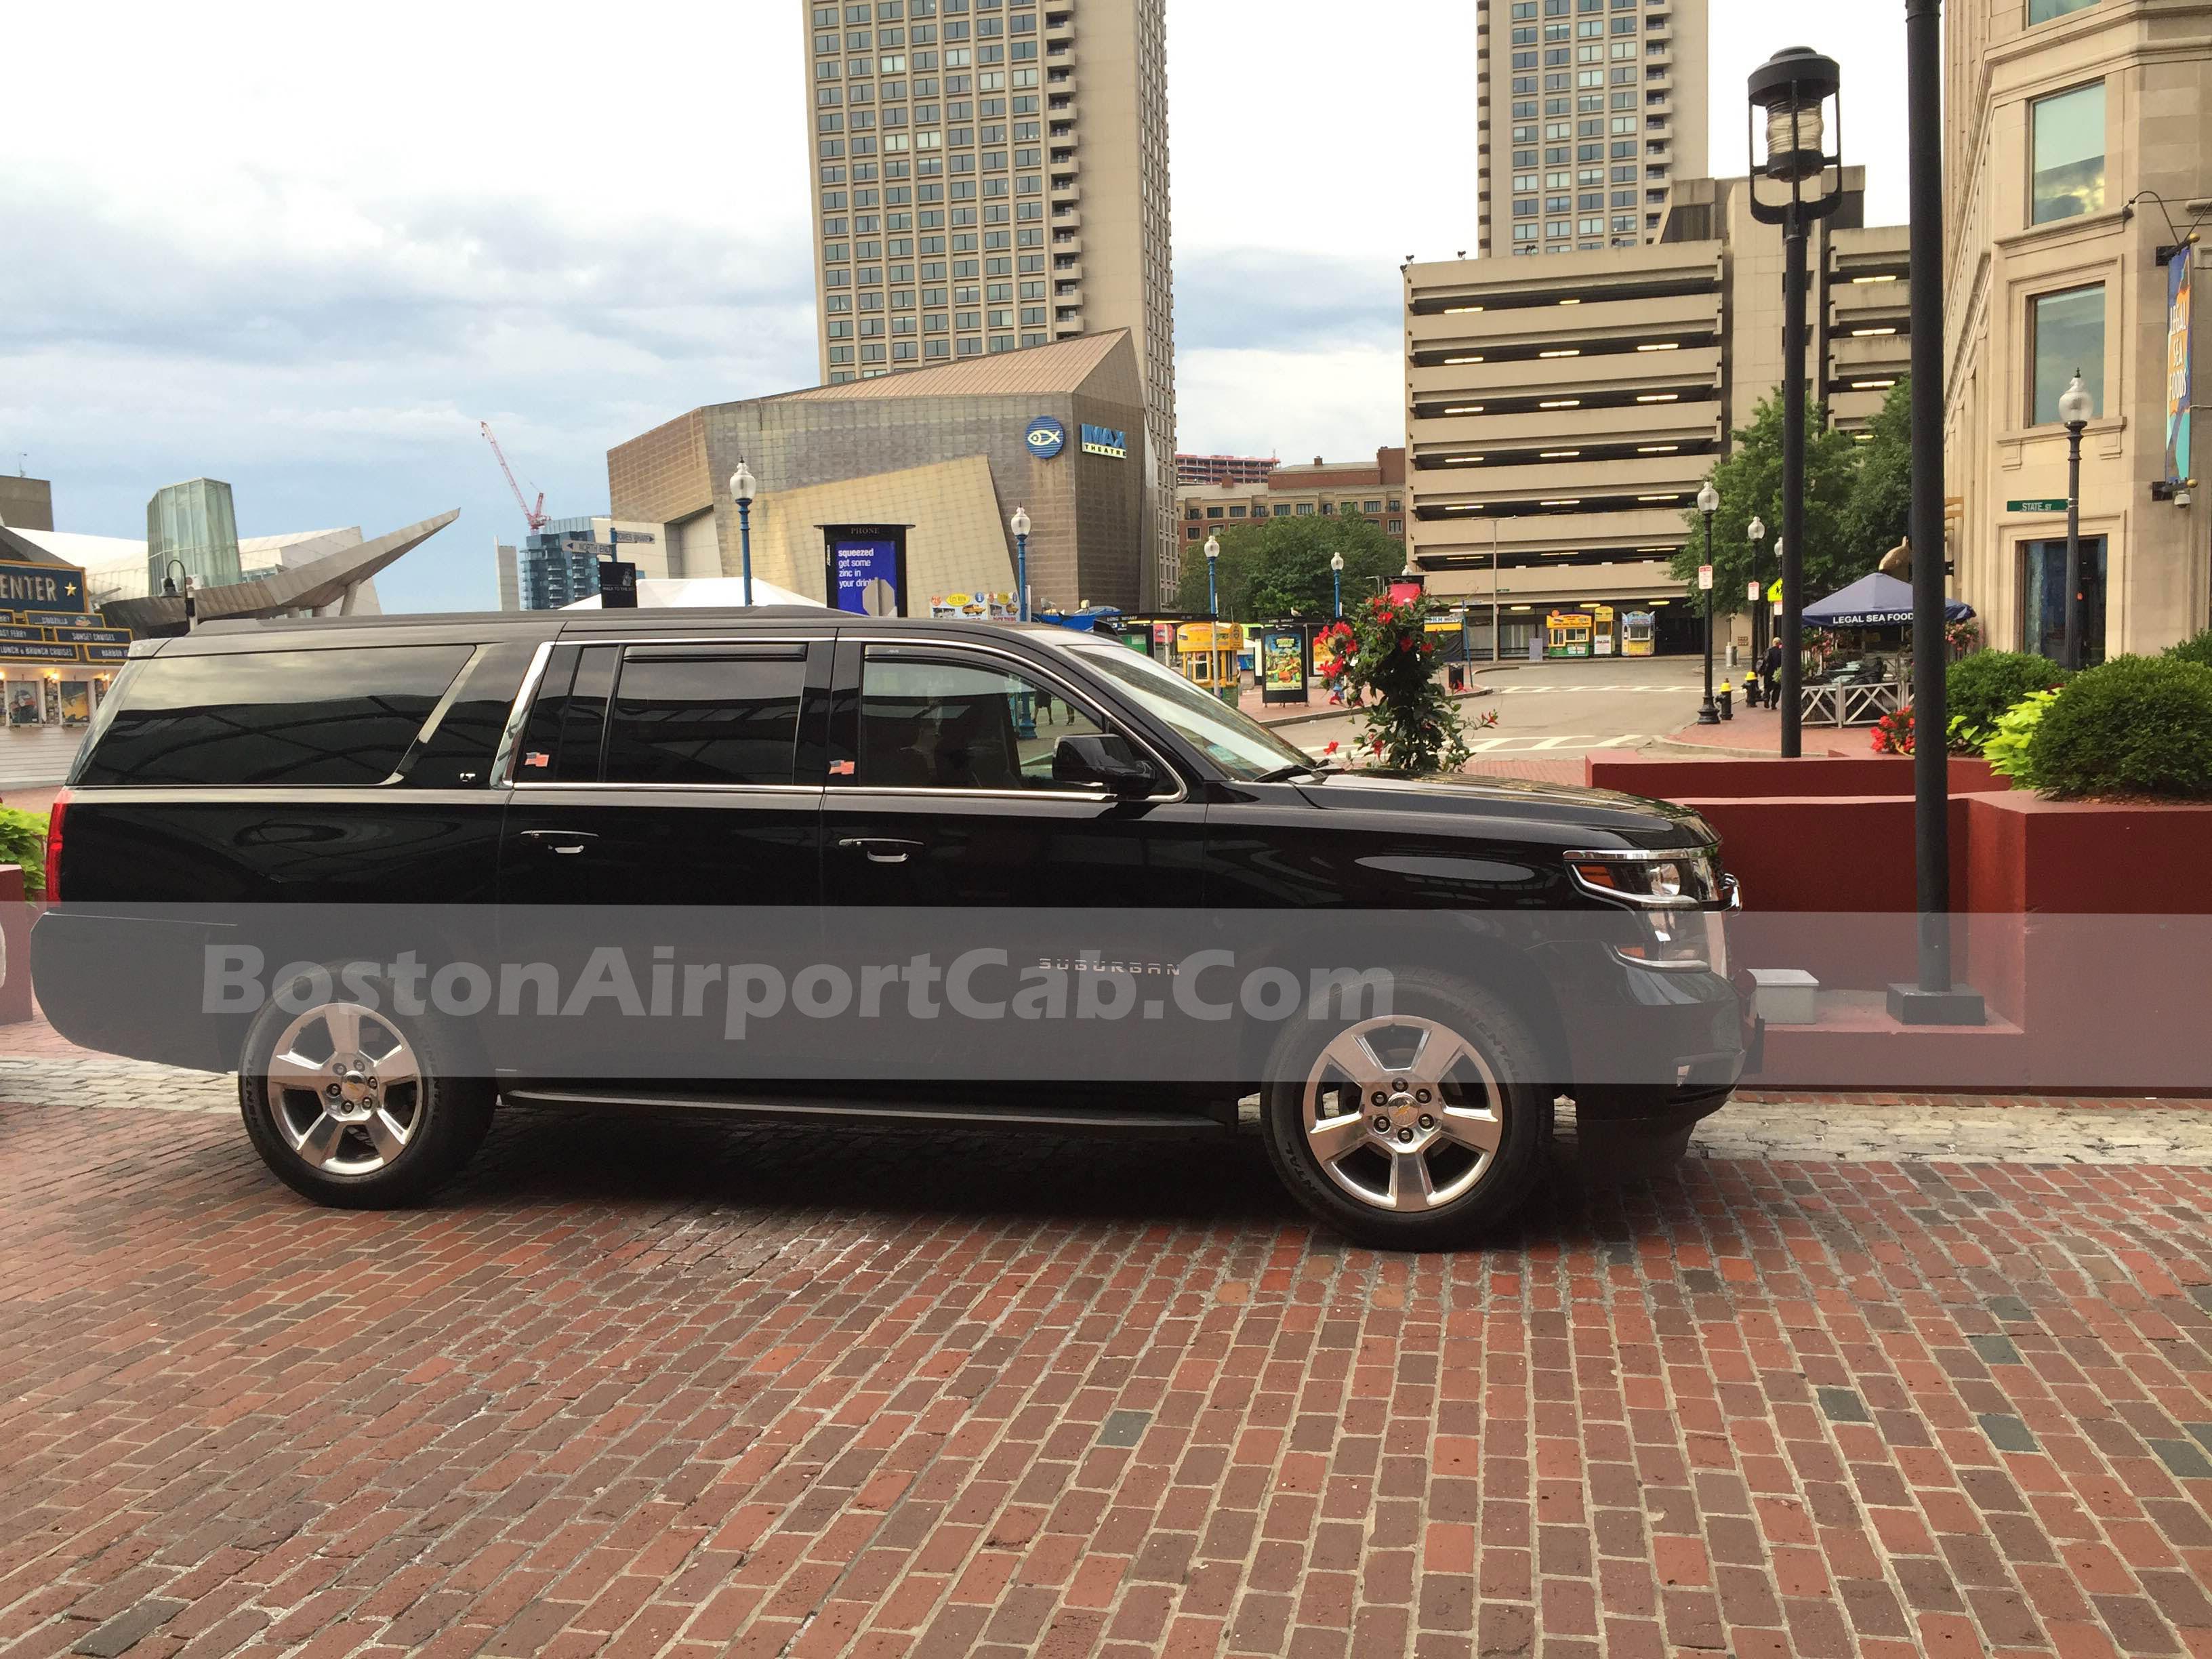 Boston Minivan Taxi and SUV Service